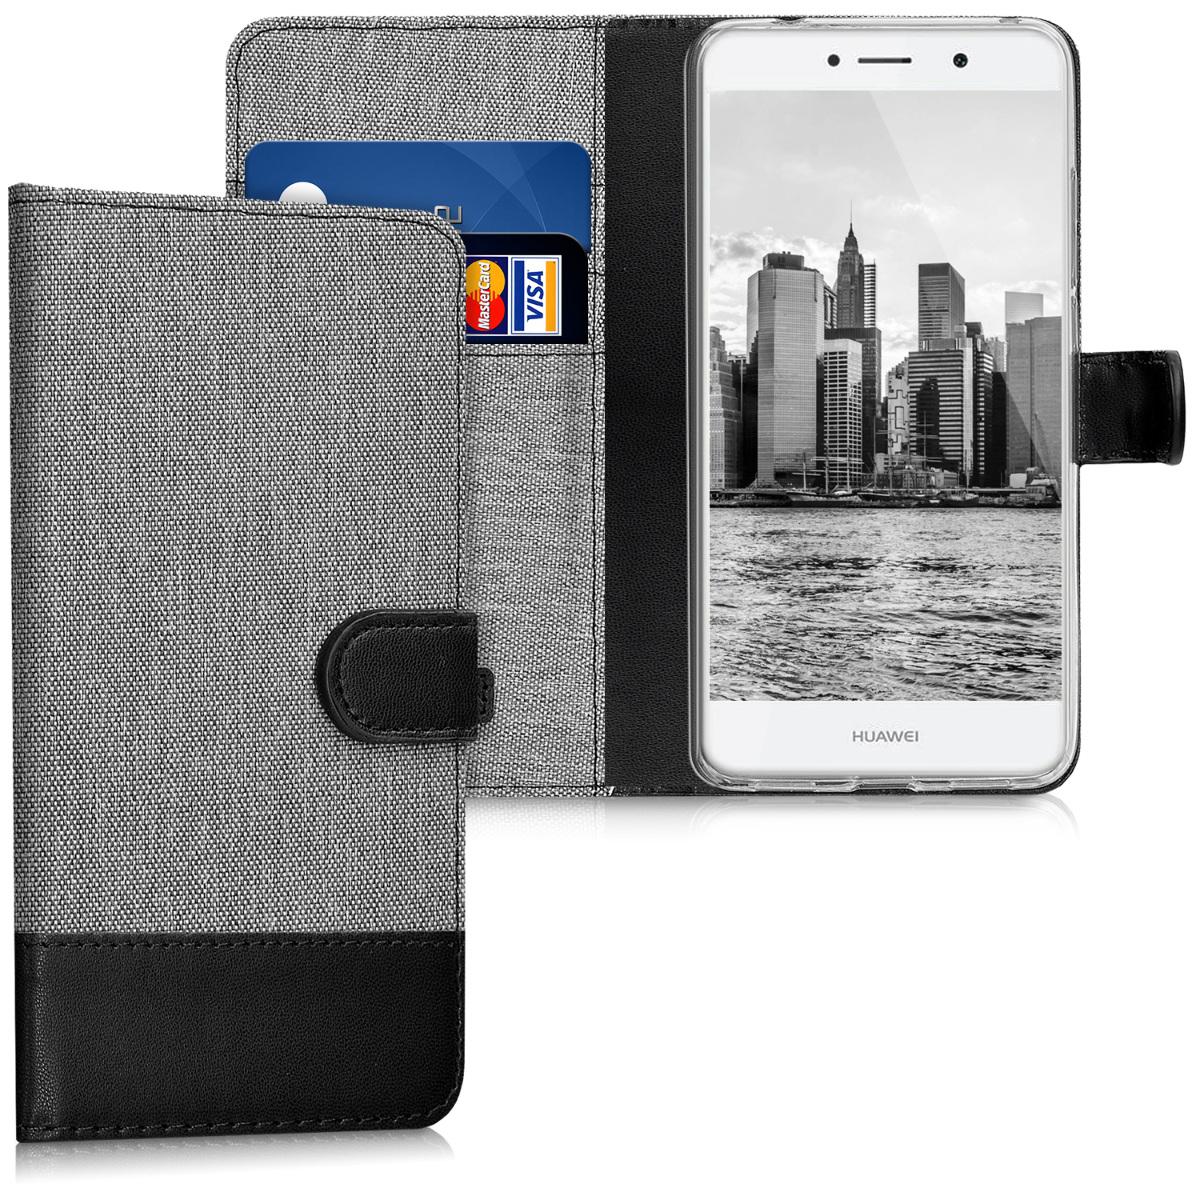 KW Θήκη Πορτοφόλι Huawei Y7 / Y7 Prime (2017) - Συνθετικό δέρμα - Grey / Black (41961.01)